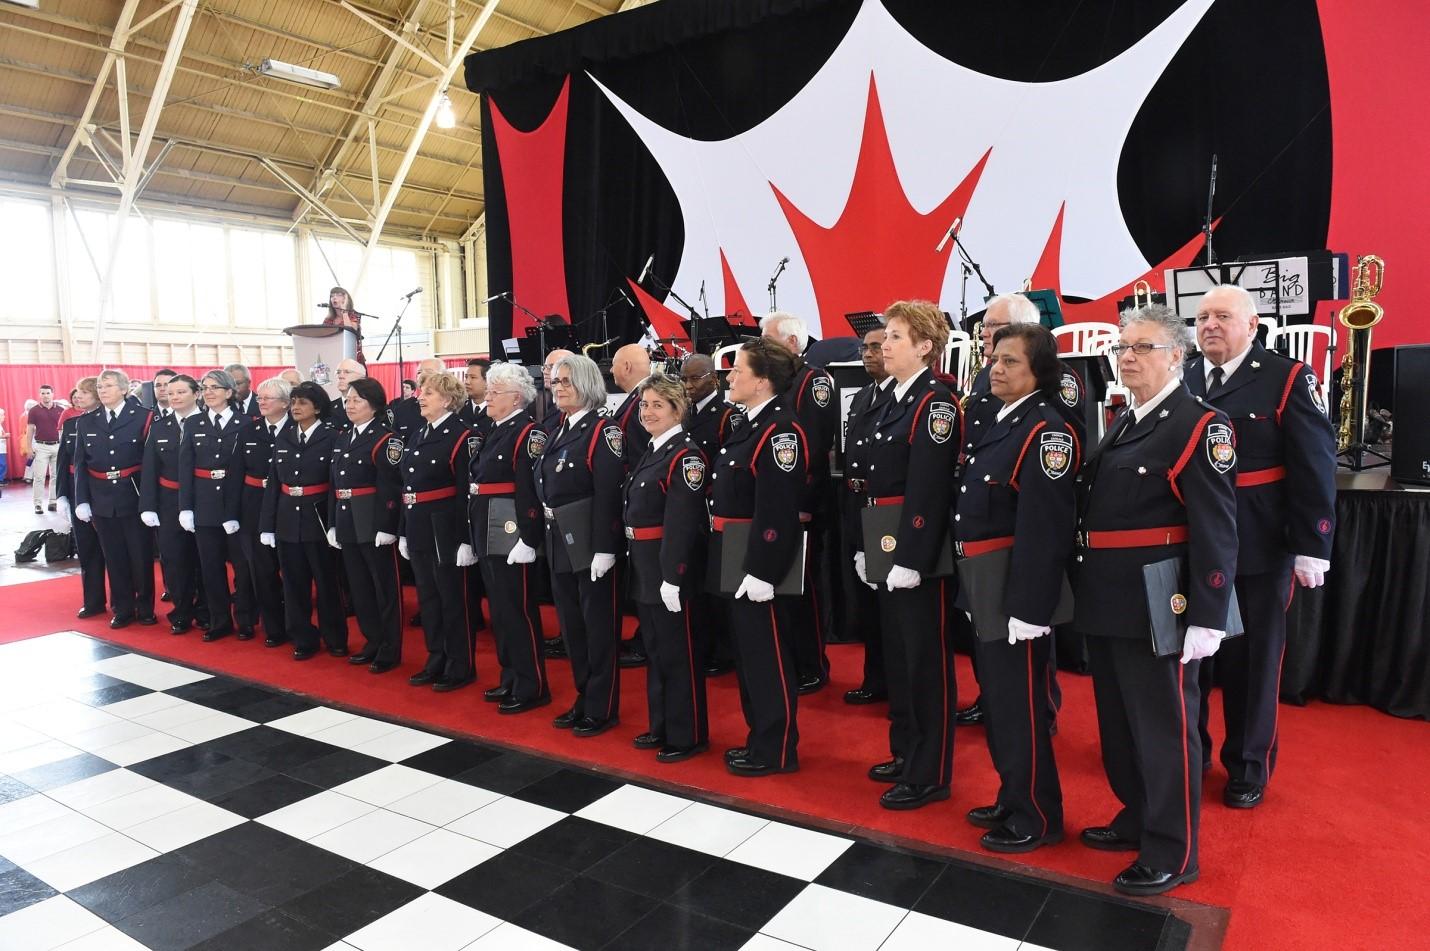 Police choir performing